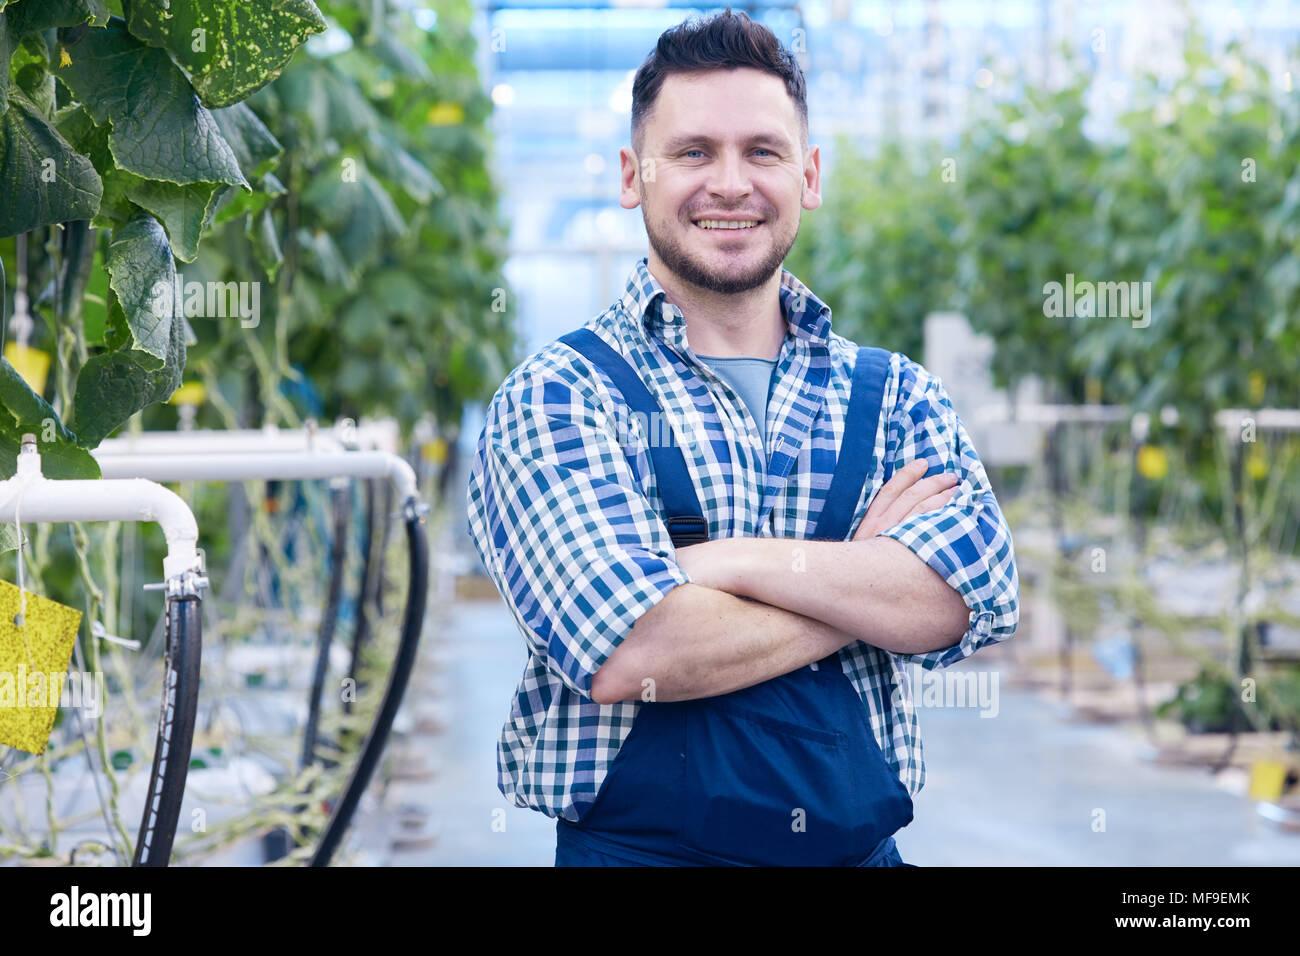 Smiling Worker on Vegetable Plantation - Stock Image